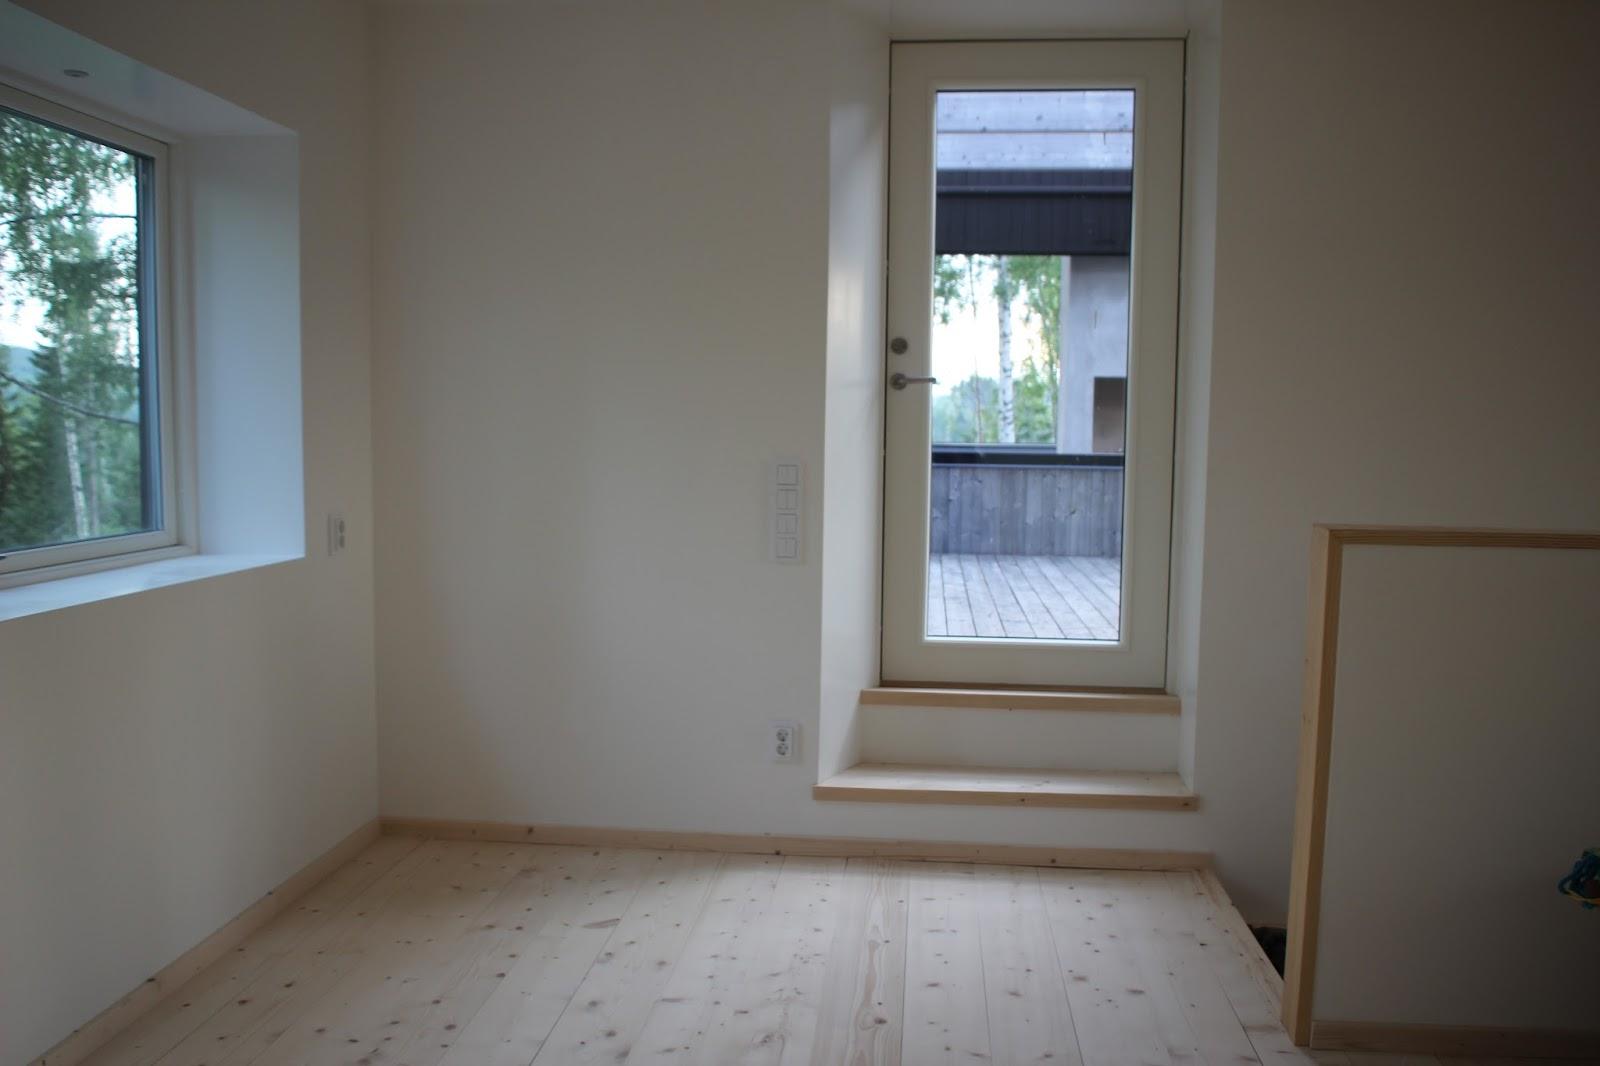 BopåHammarn: Övervåningen - precis innan inflyttning